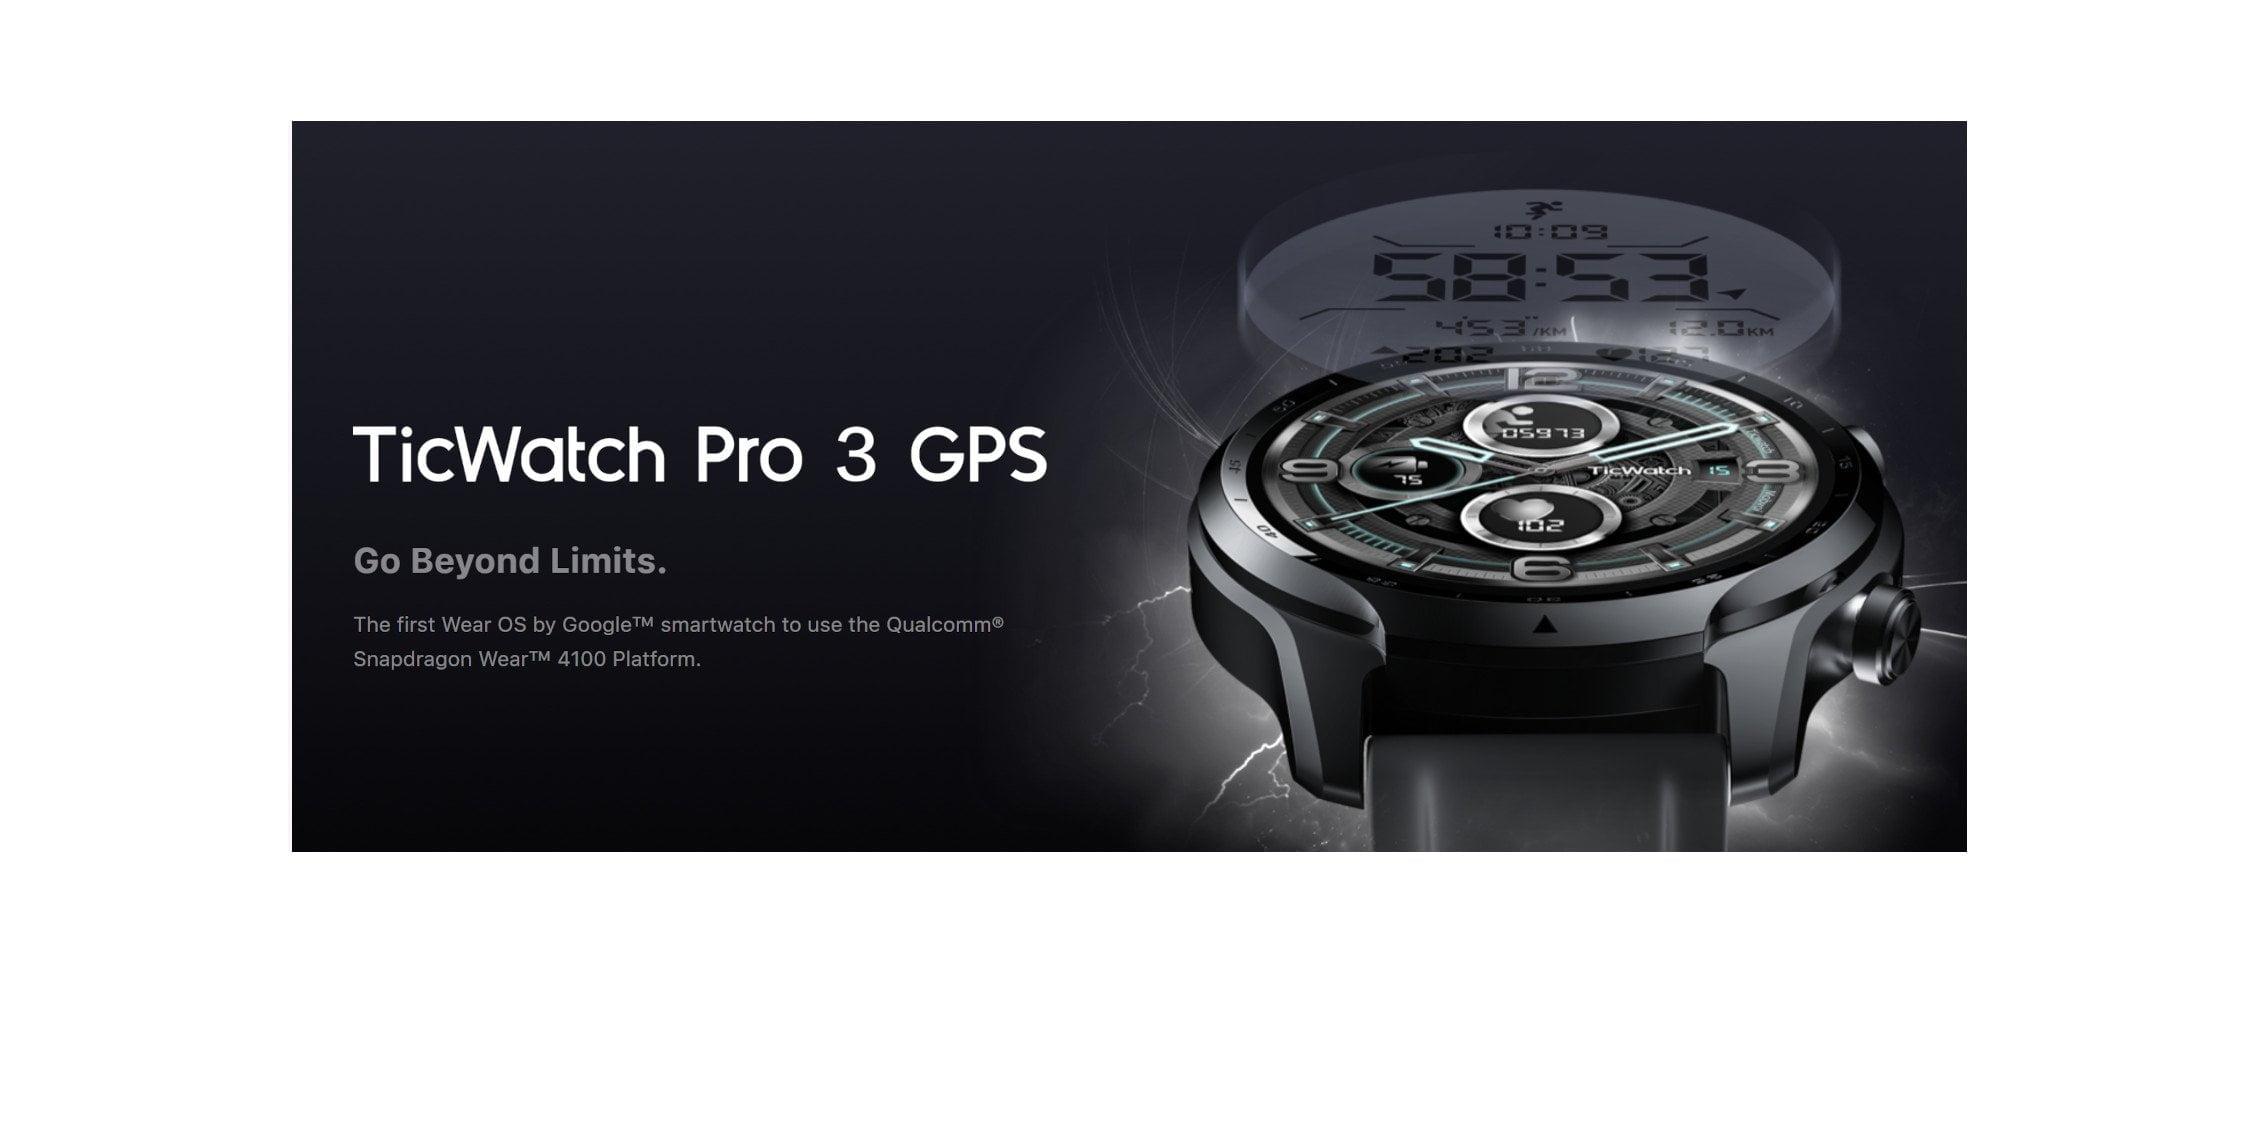 TicWatch Pro 3 GPS Smartwatch with Wear 4100